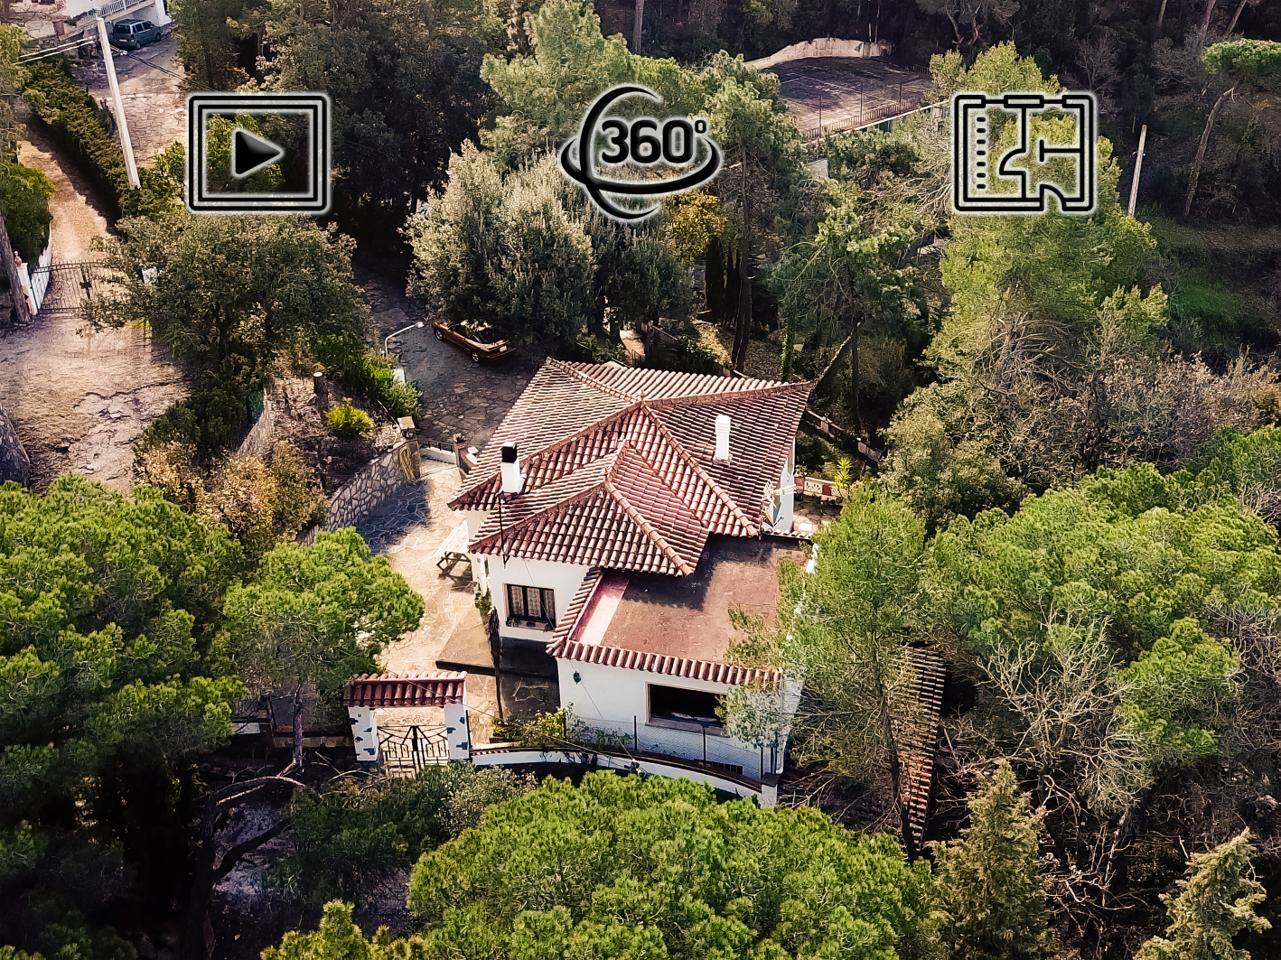 villa en sant-fost-de-campsentelles · cami-l'illa-08105 550000€